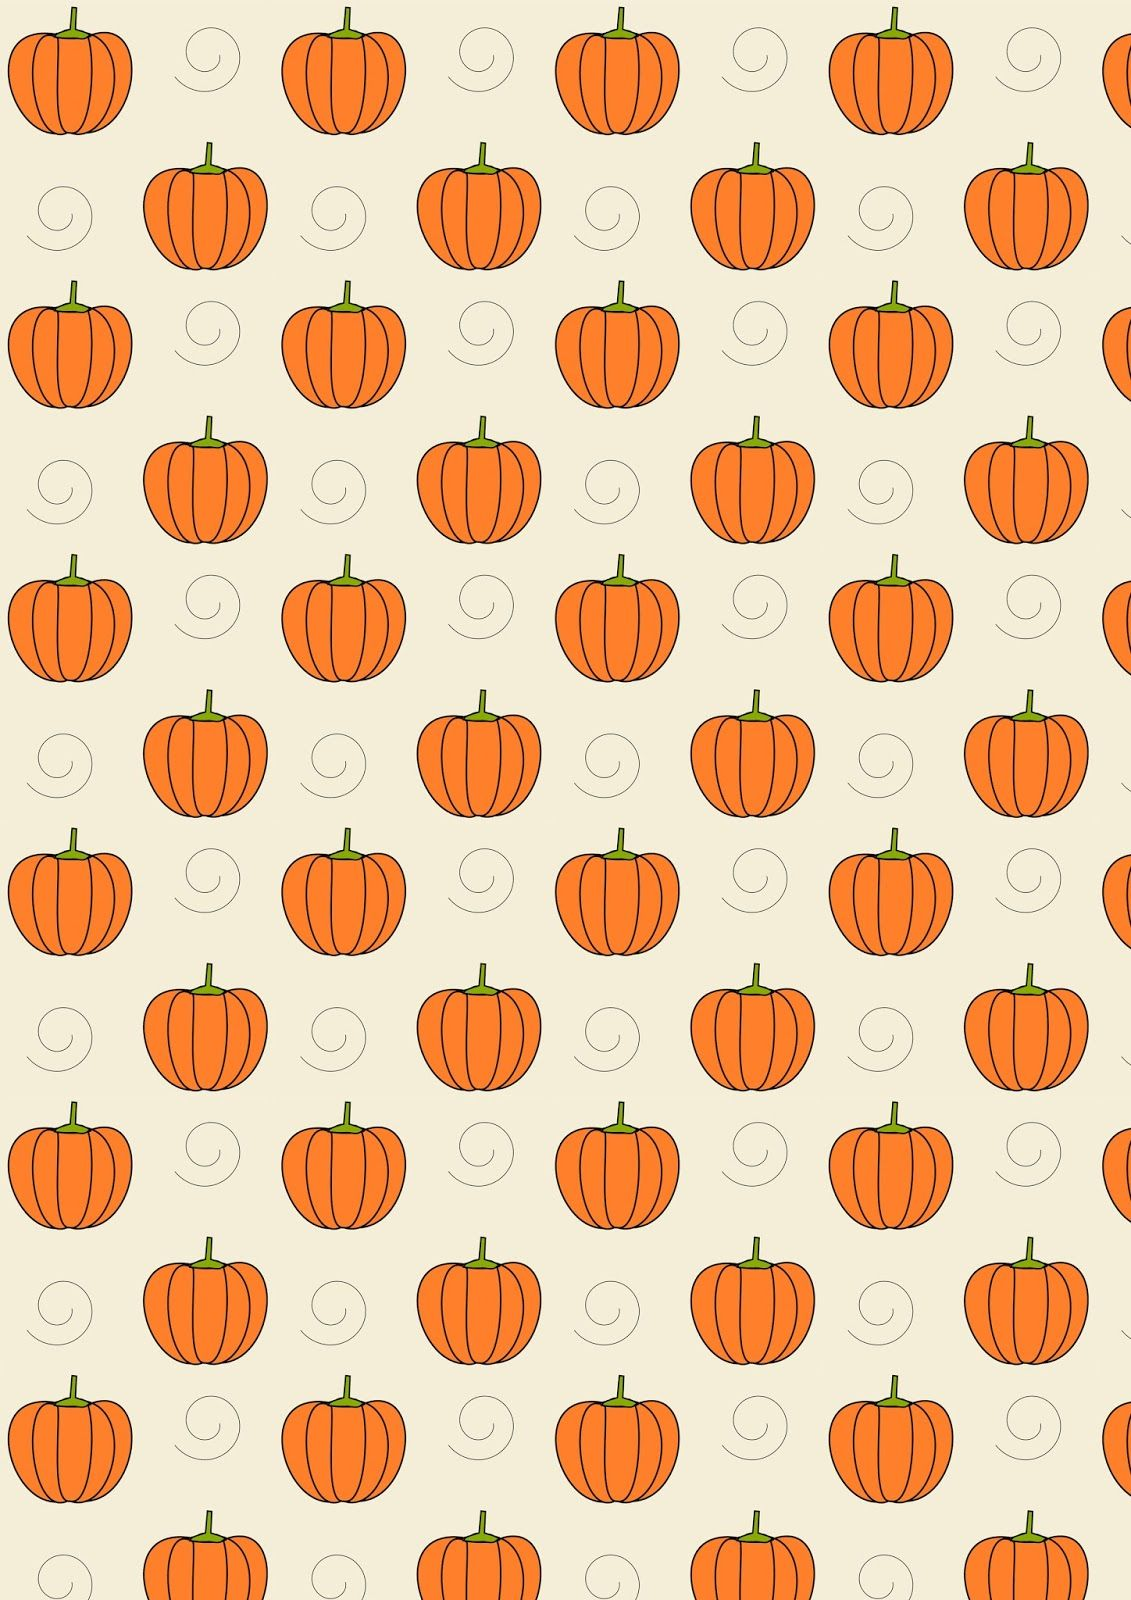 Free Digital Pumpkin Scrapbooking Paper Ausdruckbares Geschenkpapier Freebie Pumpkin Wallpaper Cute Fall Wallpaper Halloween Wallpaper Iphone